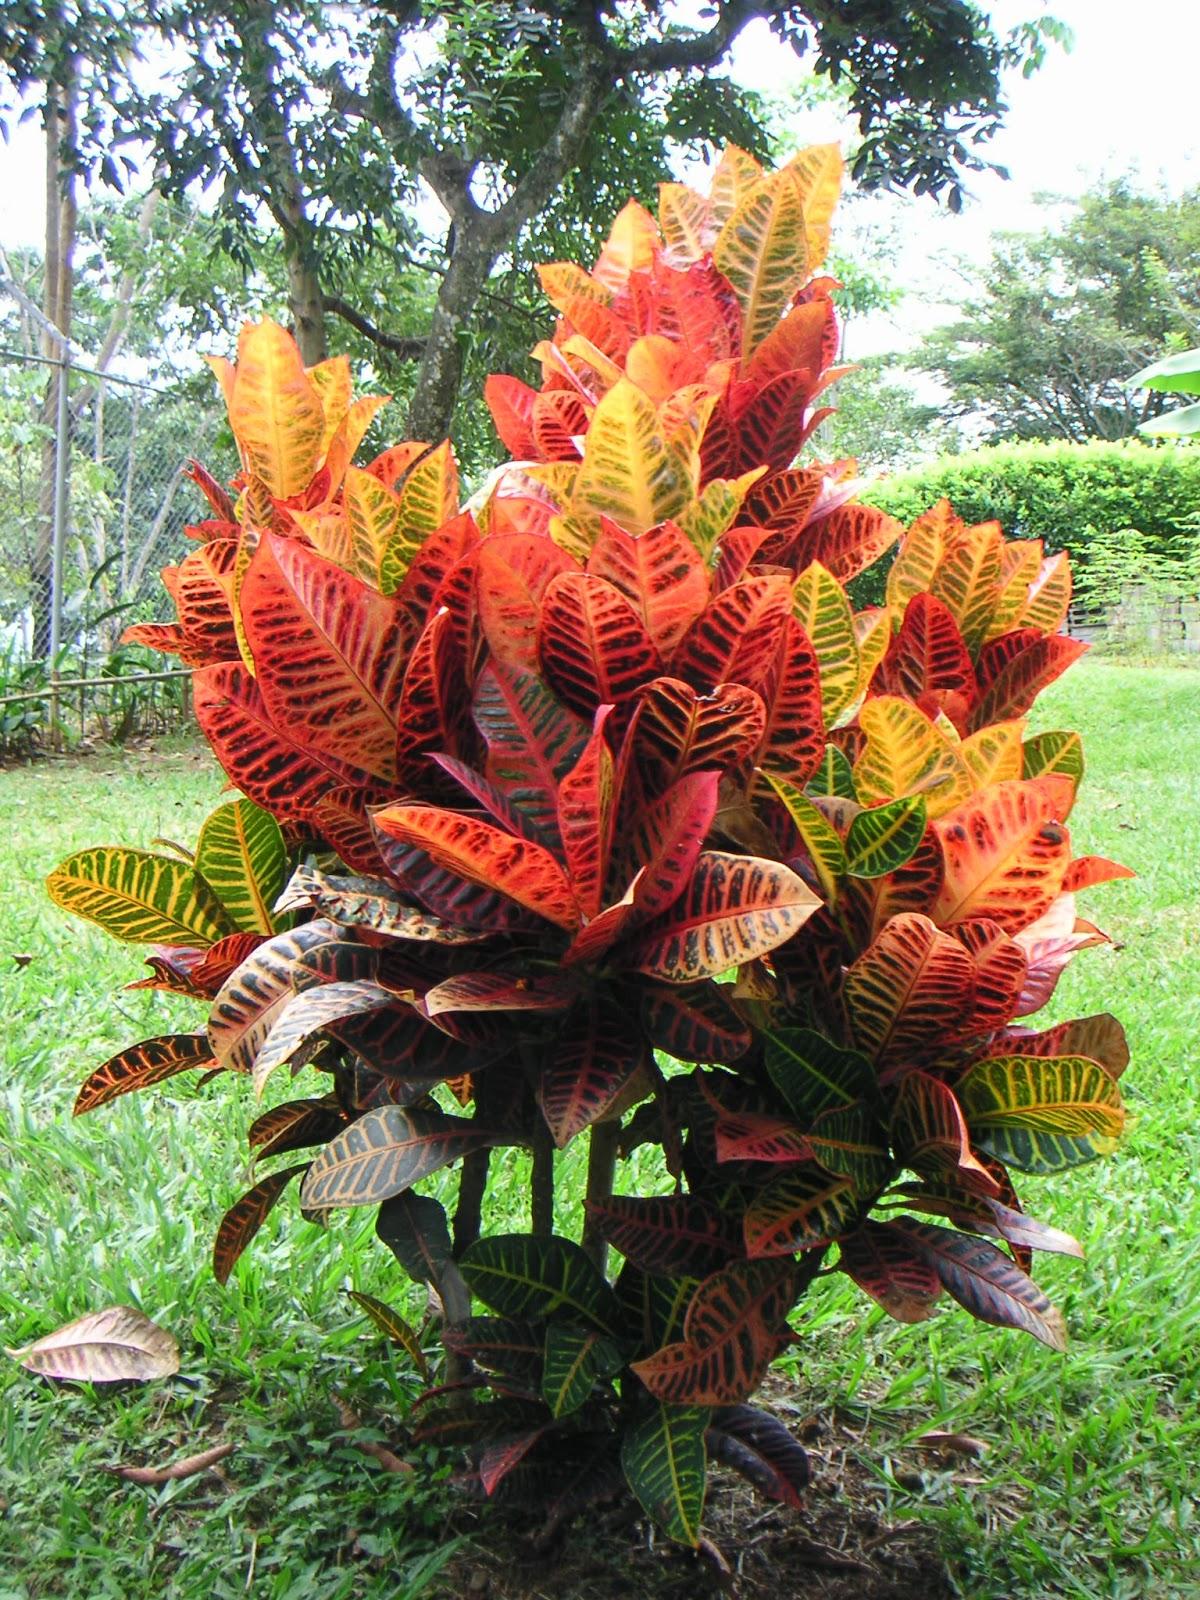 Peces y plantas ornamentales codiaeum variegatum crot n for Imagenes de arboles ornamentales